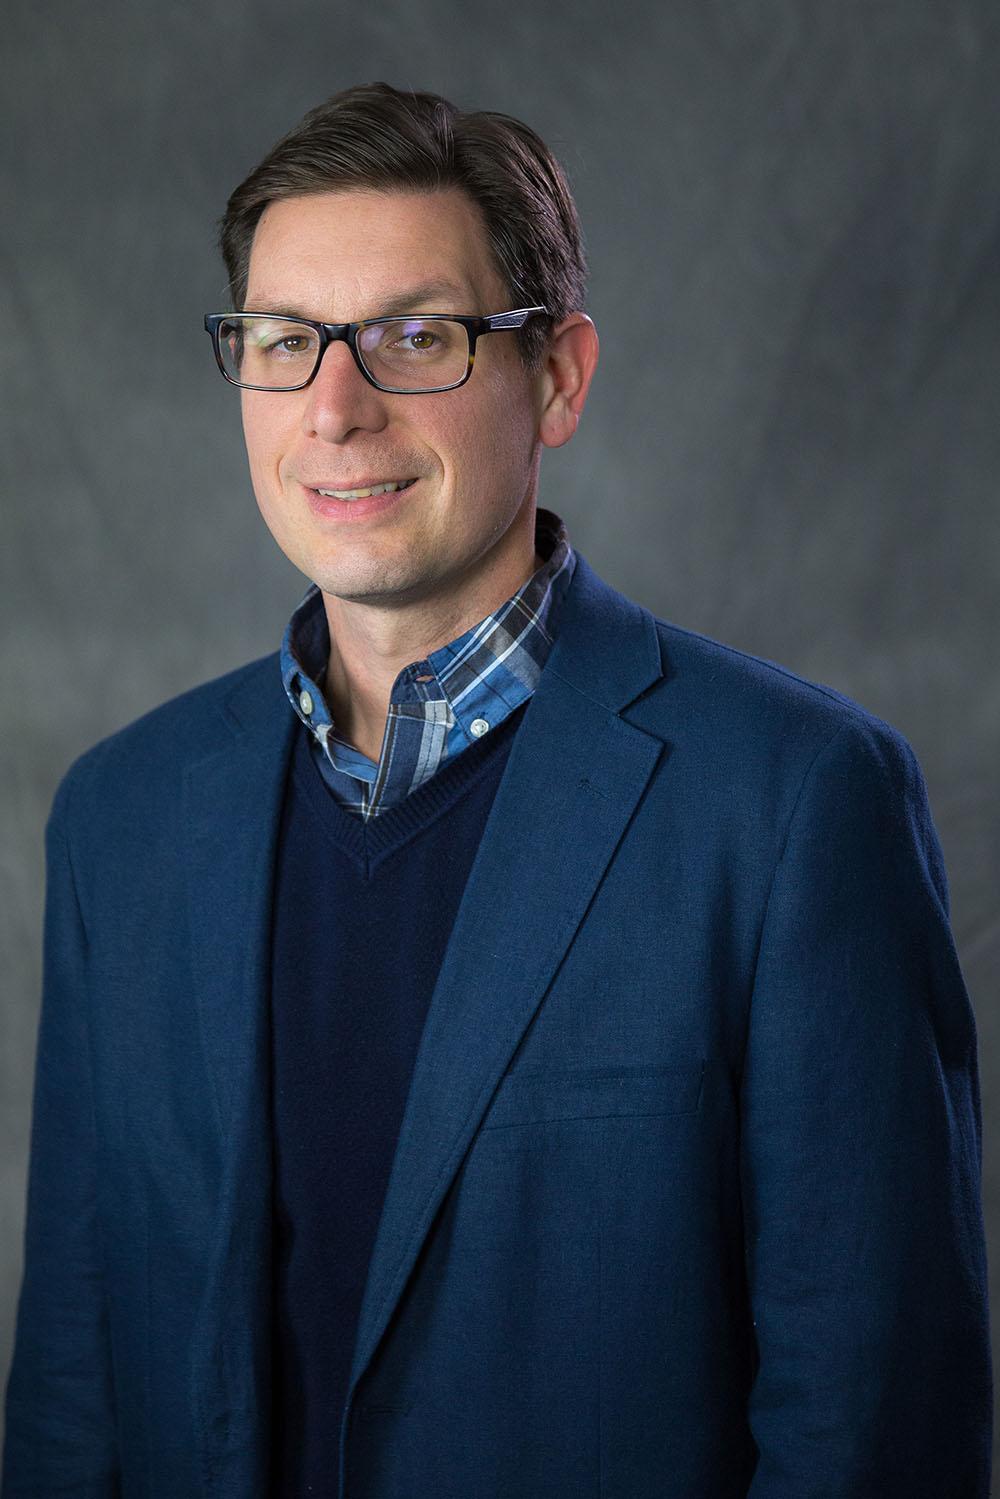 Kenneth Knappenberger